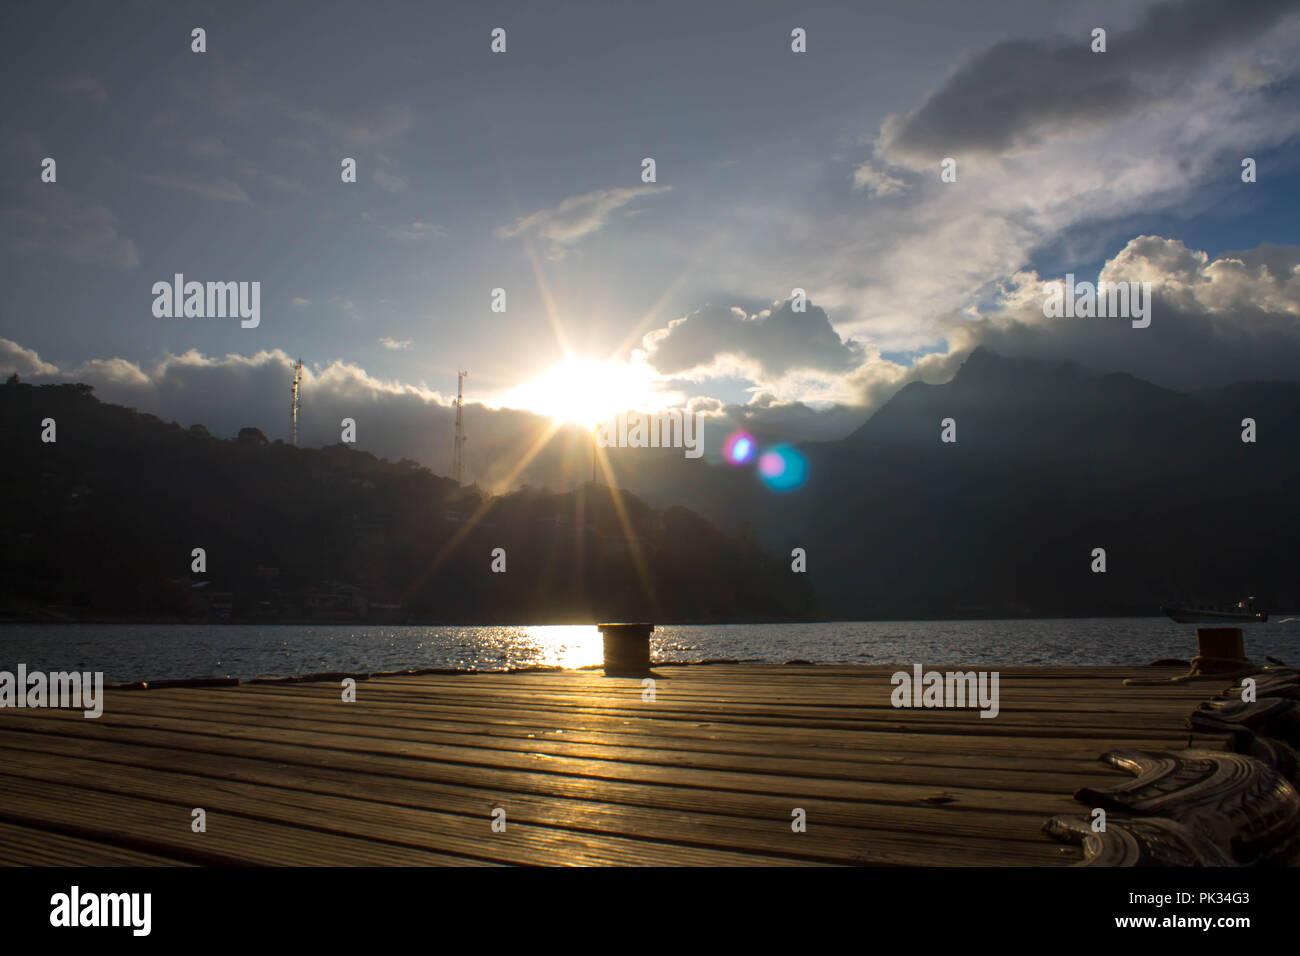 Sunset on Lake Atitlan - Stock Image